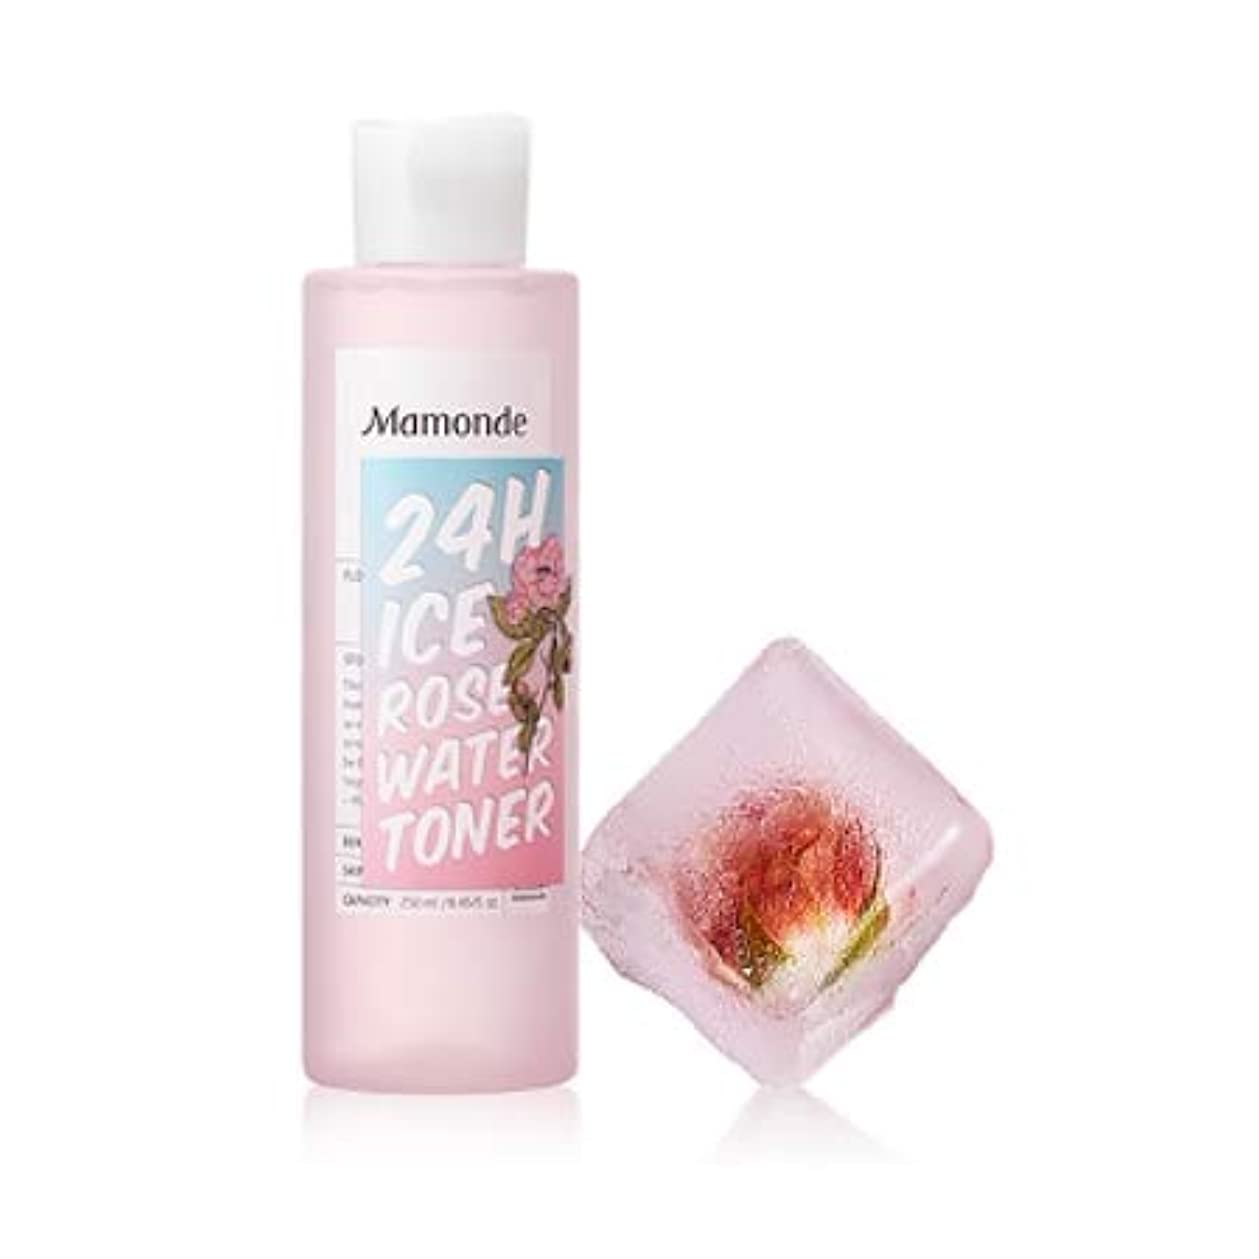 拘束する予防接種パースブラックボロウ【マモンド.mamonde](公式)24Hアイスローズウォータートナー(250ml)(2019.05 new product)/ ice rose water toner